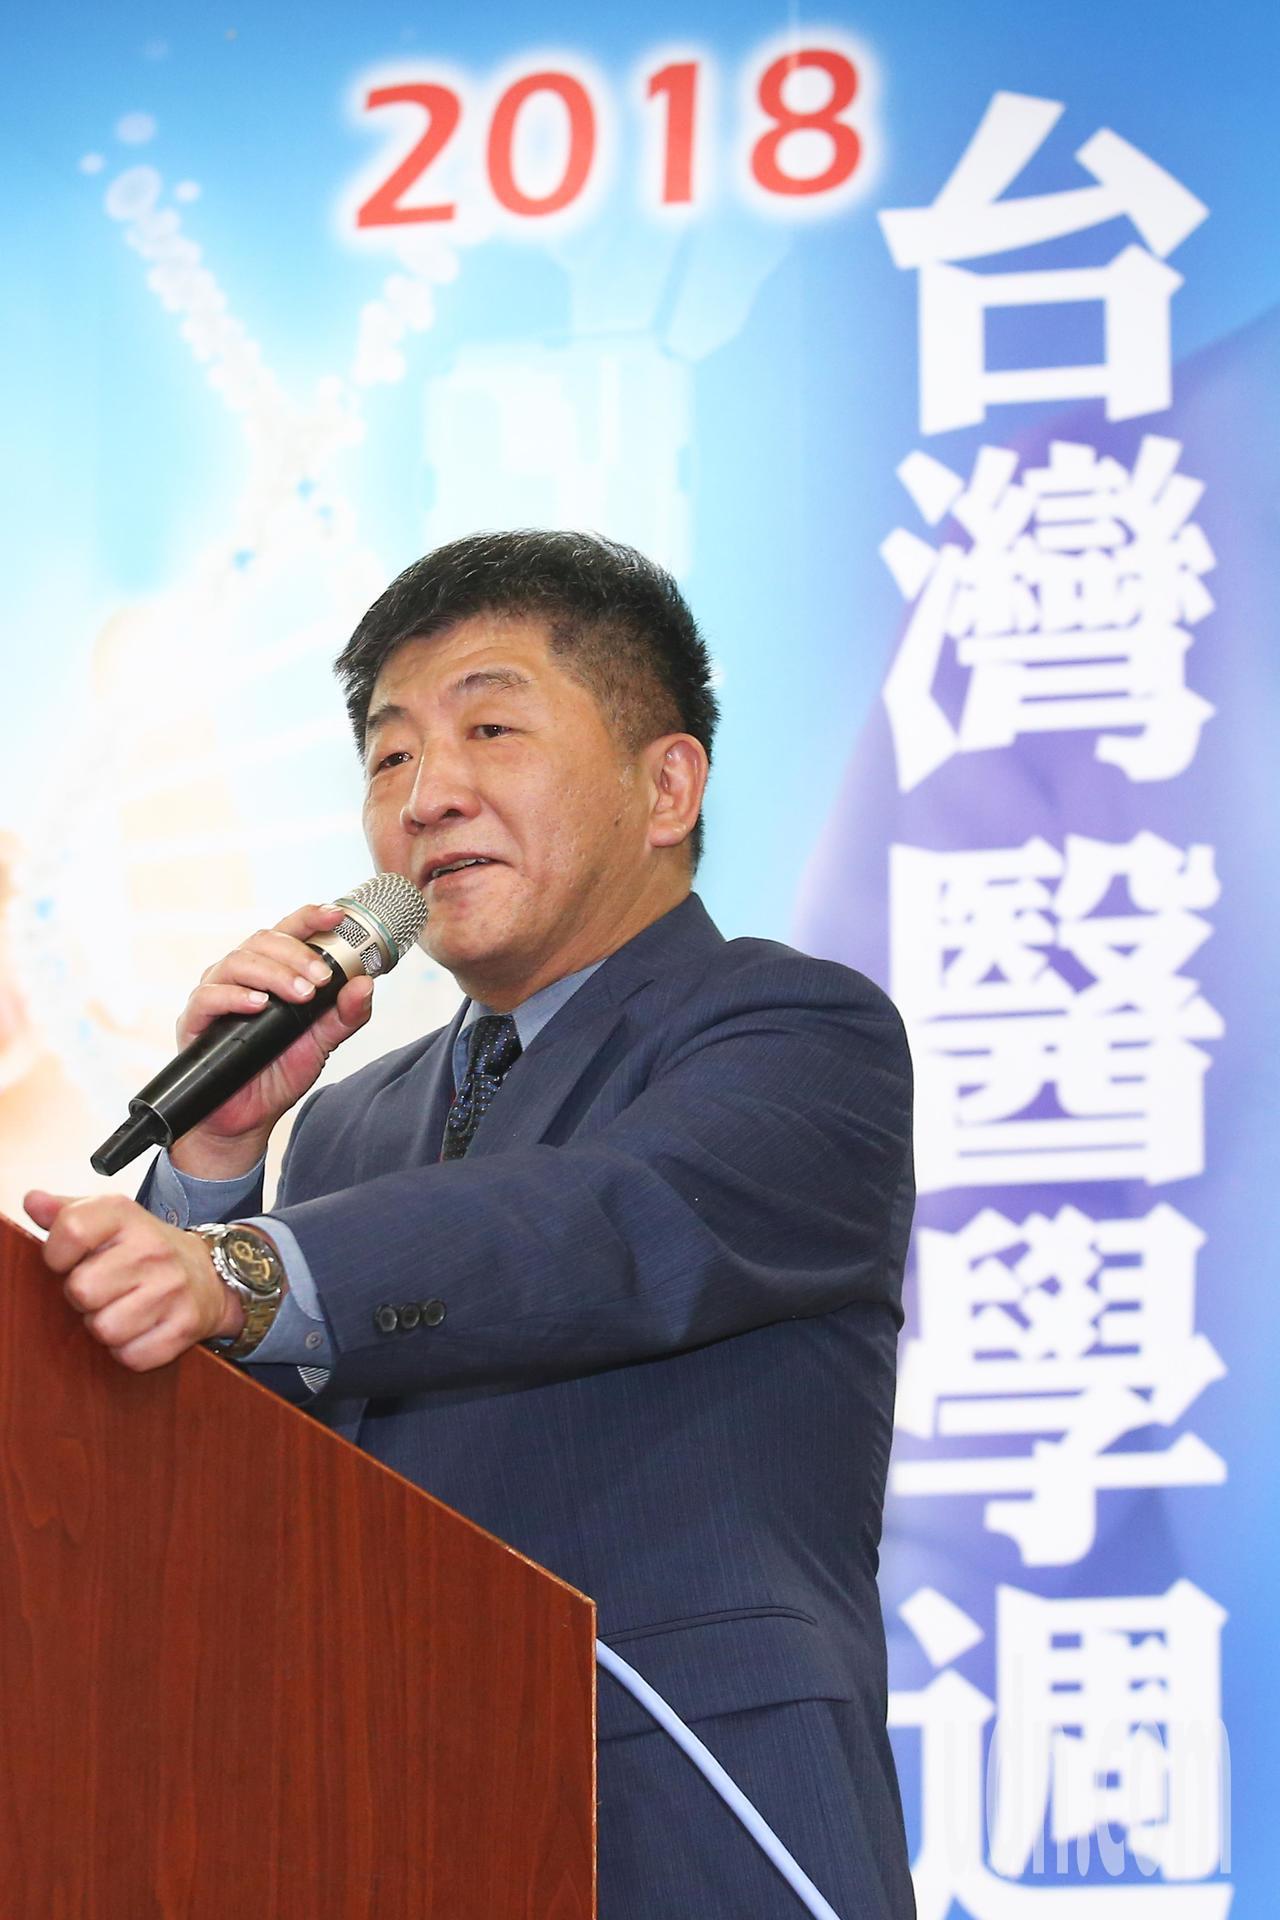 衛福部長陳時中上午出席2018台灣醫學週學術演講會活動。記者王騰毅/攝影